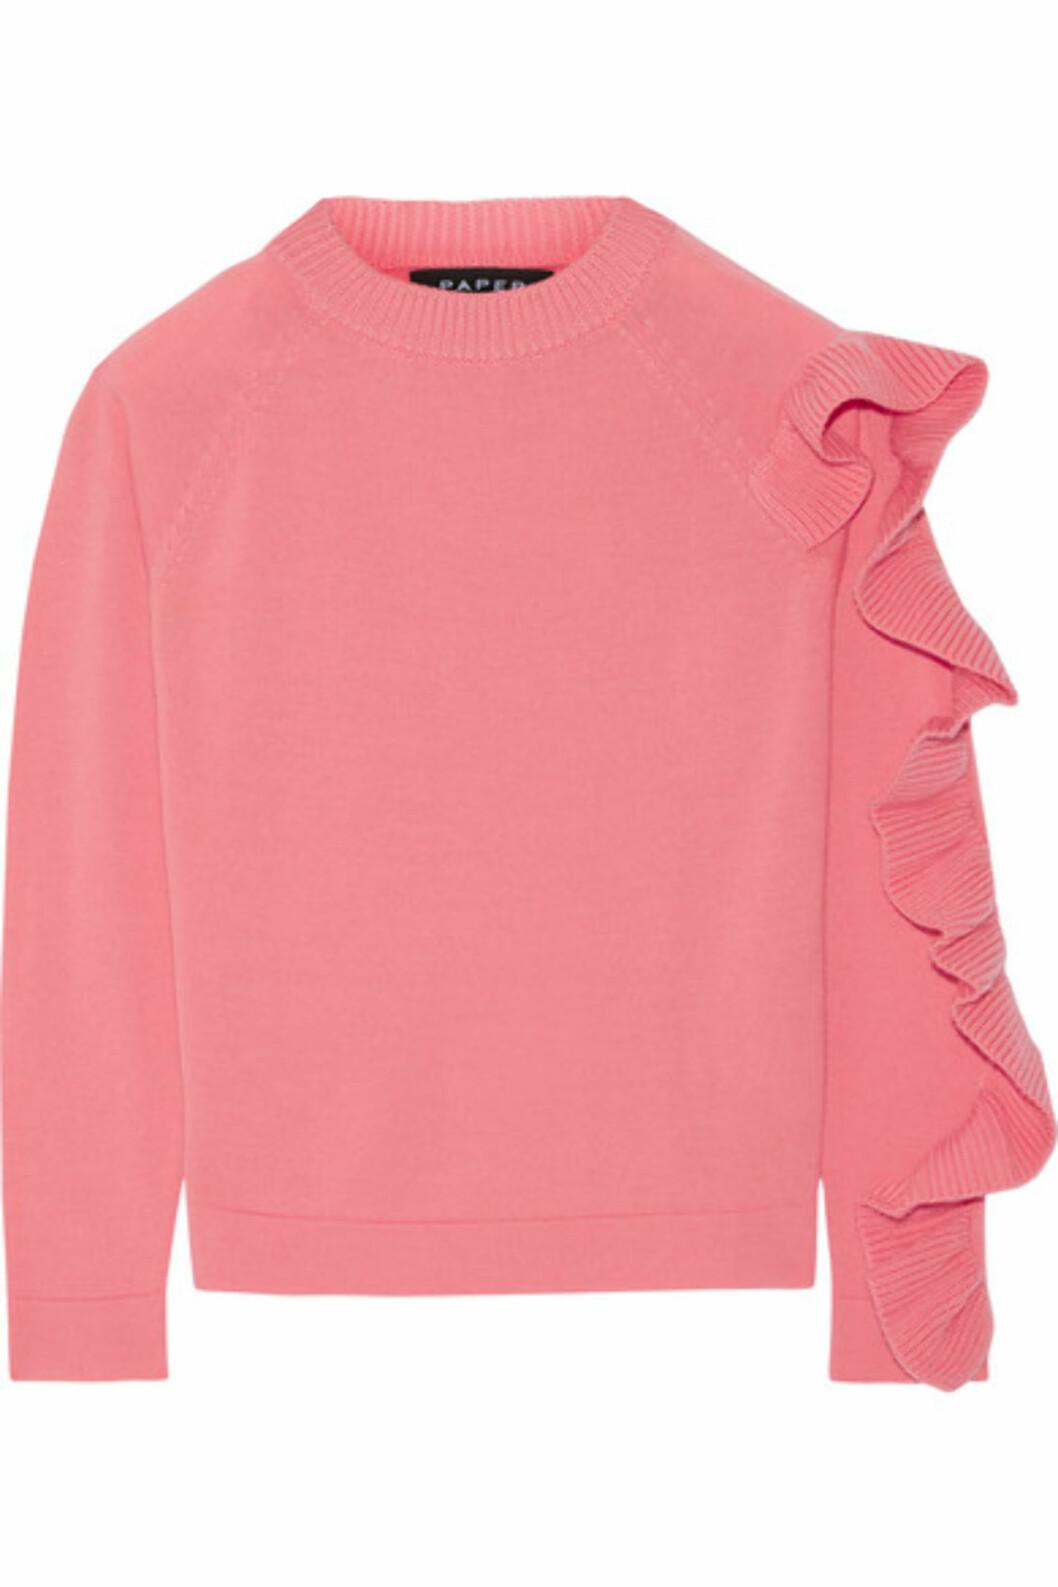 Genser fra Paper London via Net-a-porter.com | kr 5587 | https://www.net-a-porter.com/no/en/product/743792/paper_london/montana-ruffled-merino-wool-sweater